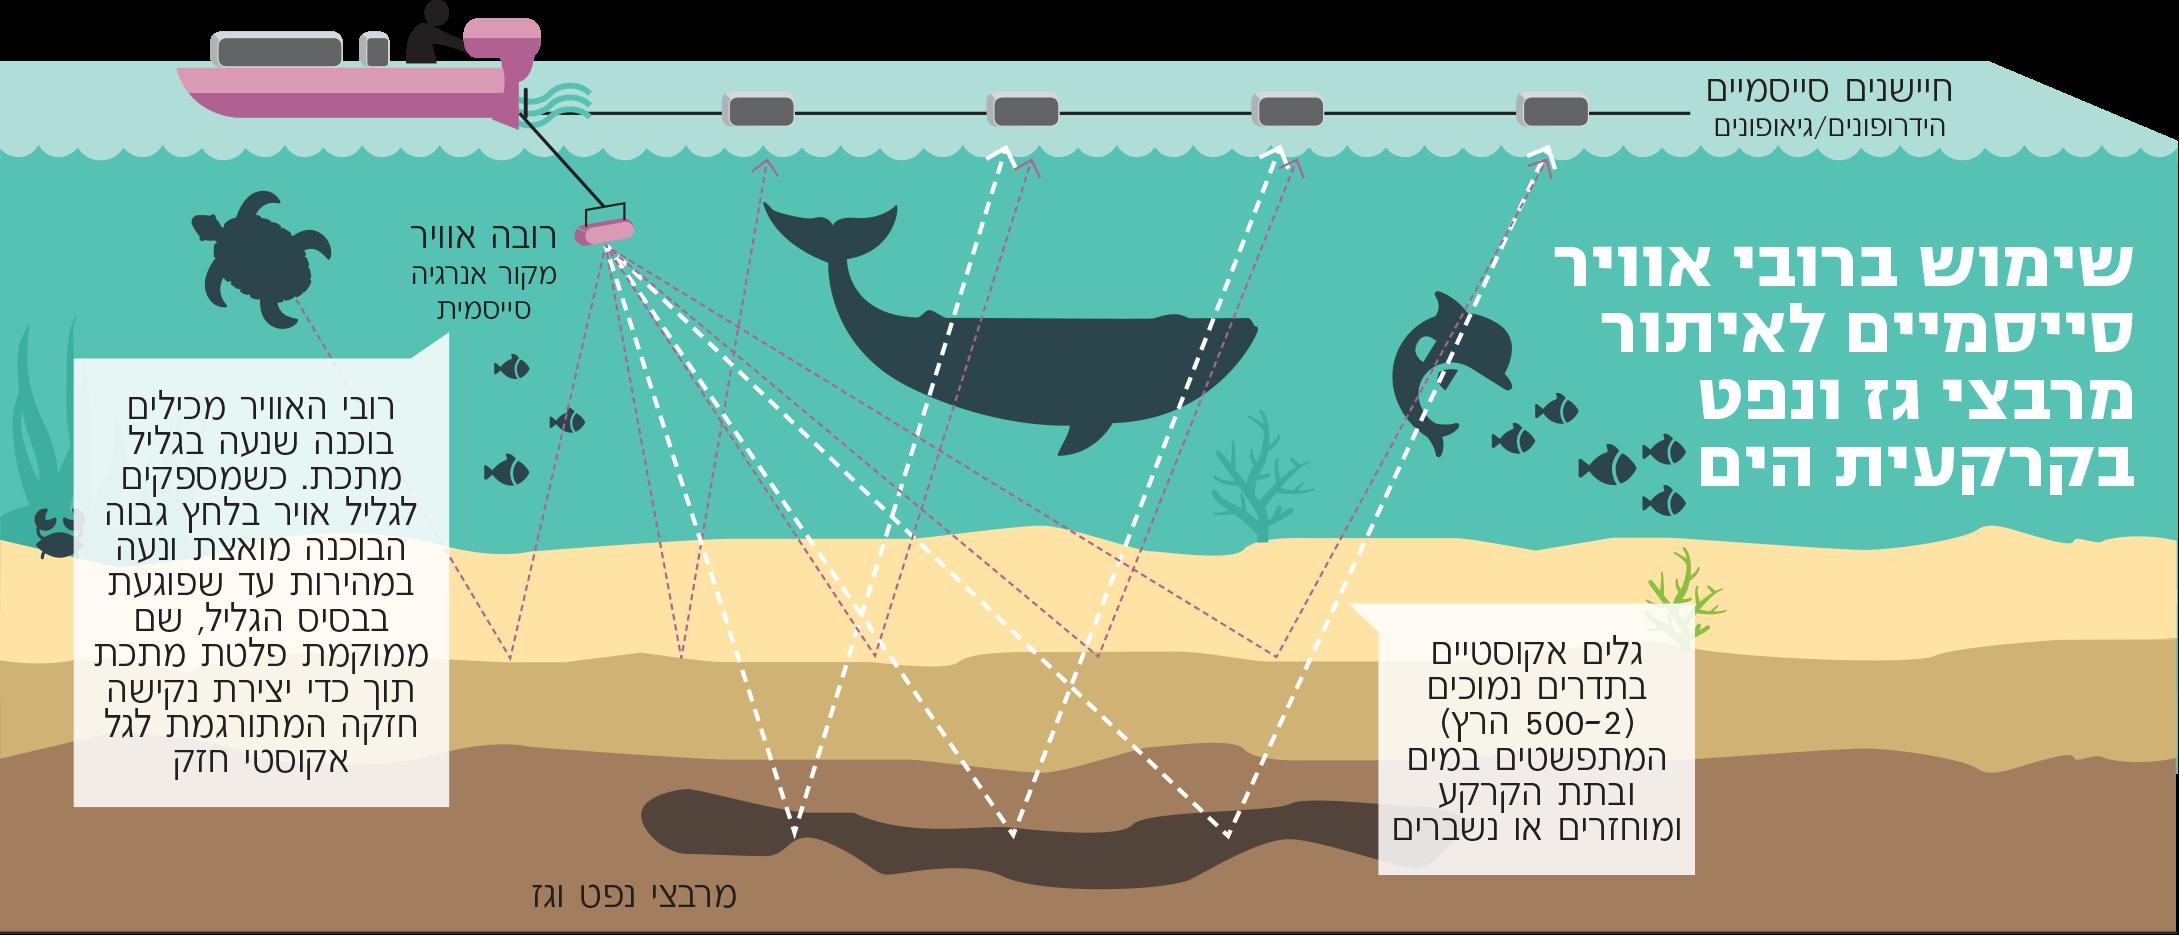 תרשים של סקרים סיסמיים בים